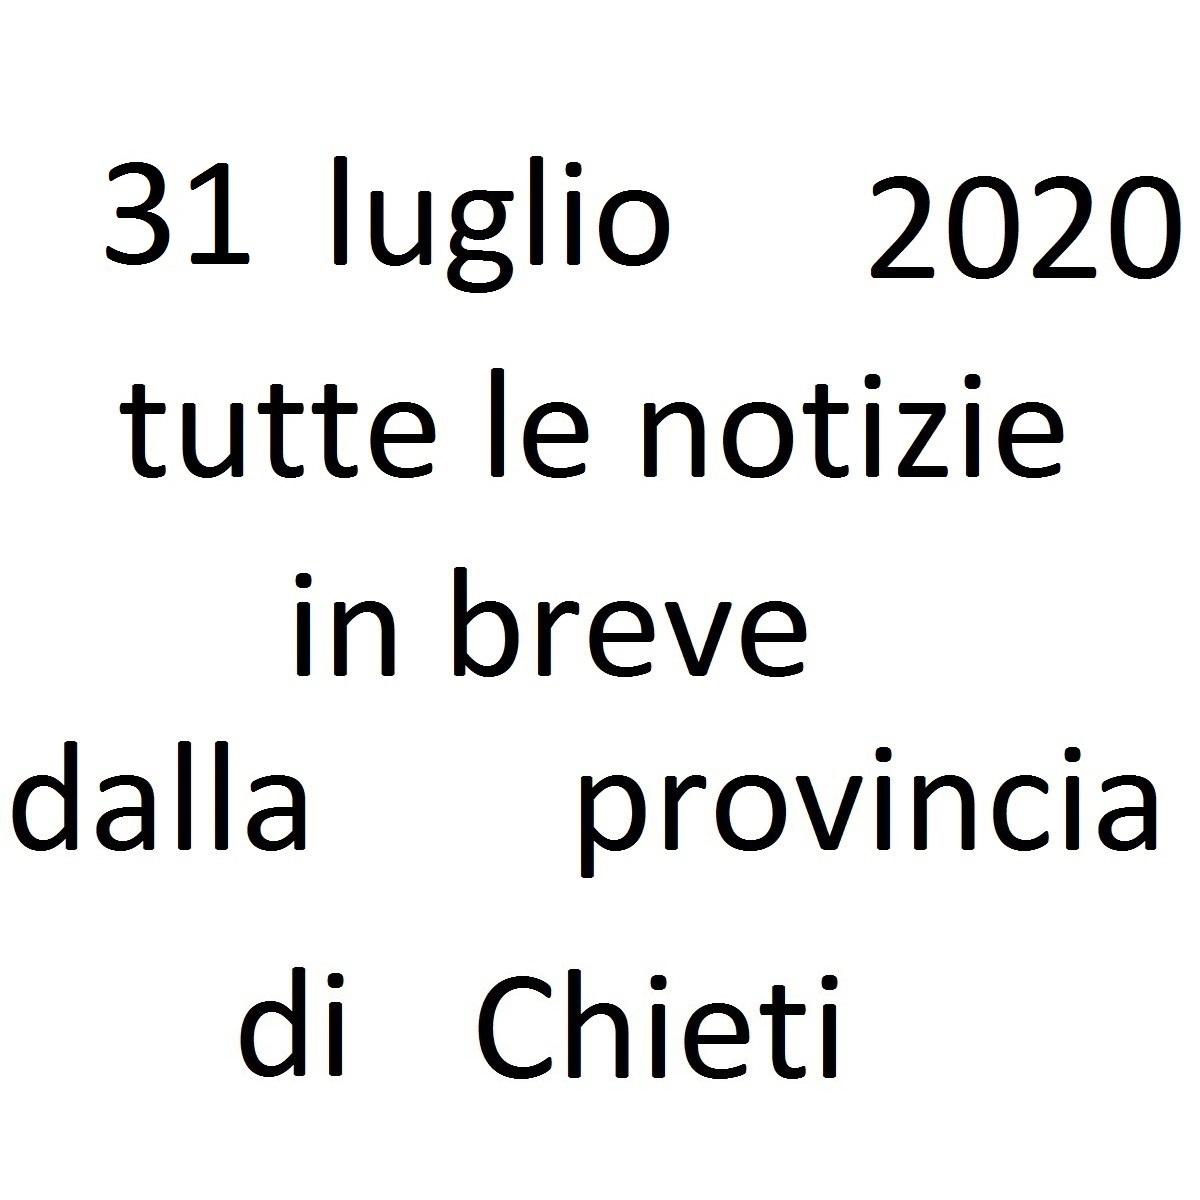 31 luglio 2020 notizie in breve dalla Provincia di Chieti foto